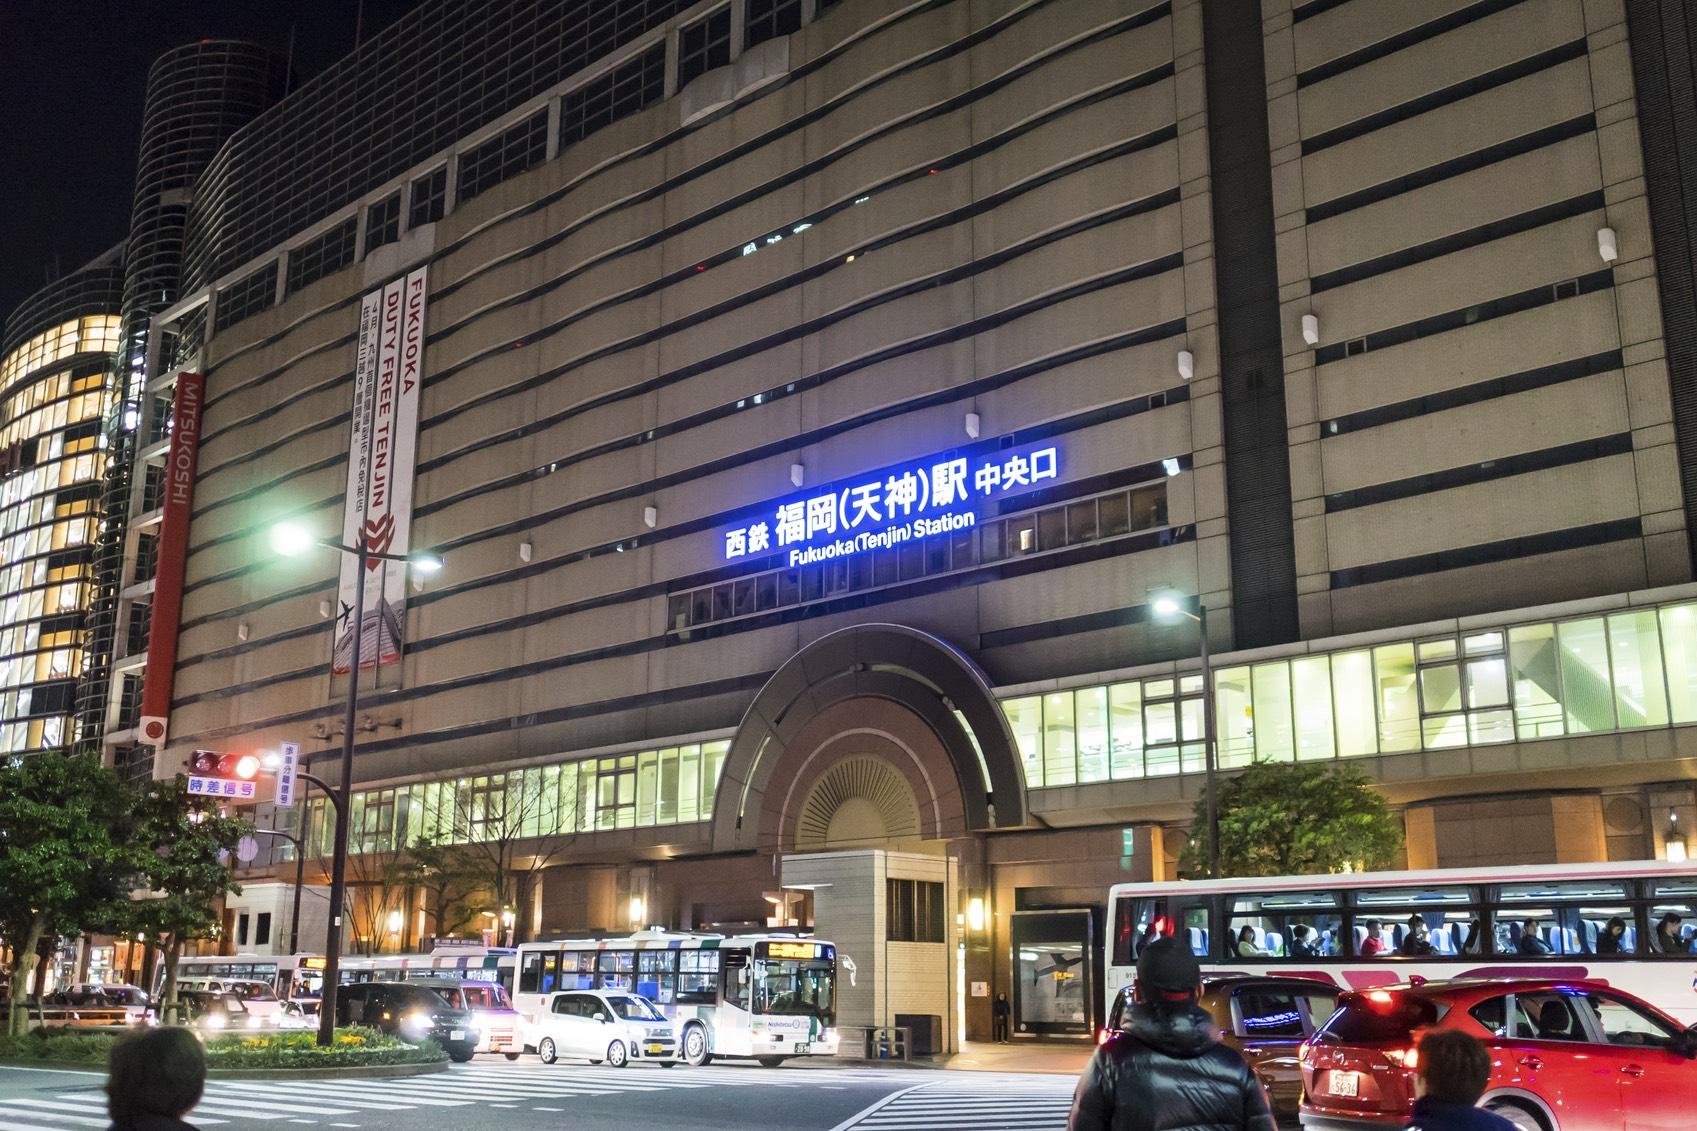 Fukuoka Tenjin Station